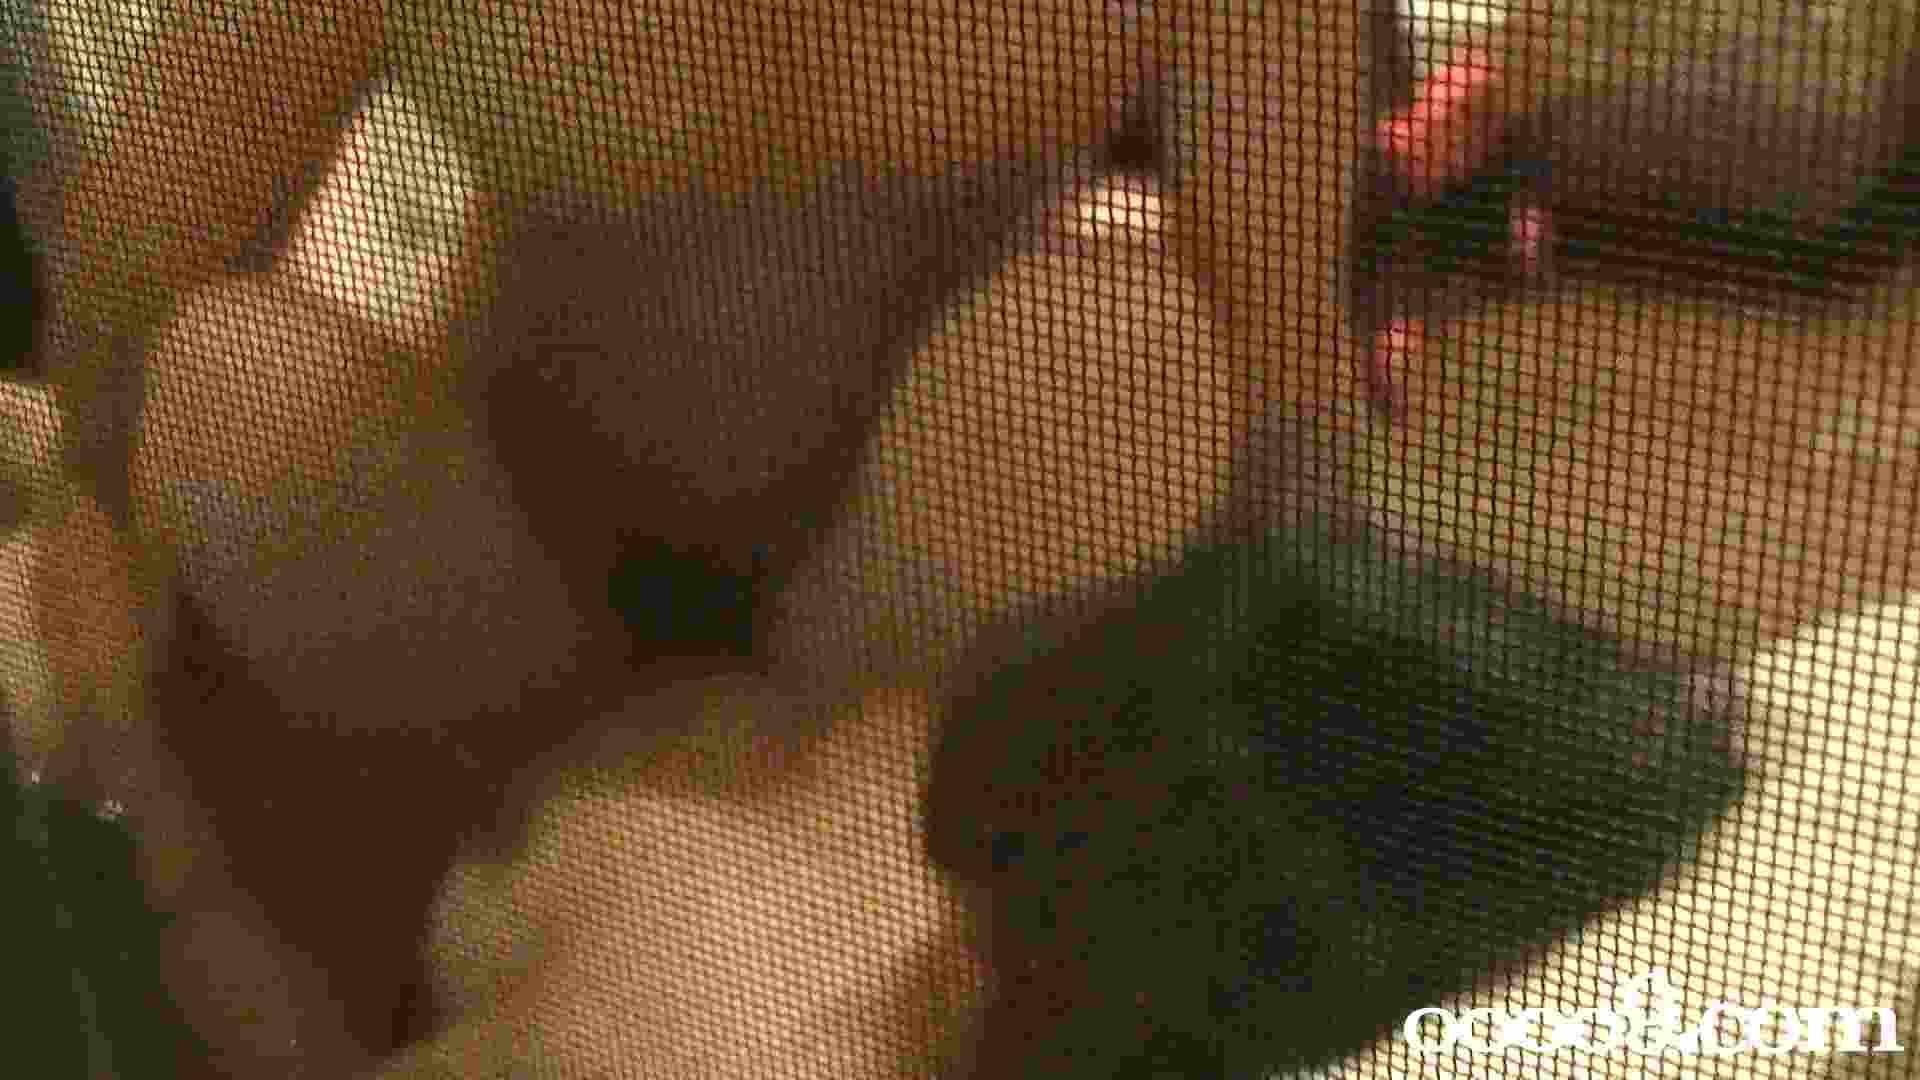 今度はHDだよ!ハメ撮りFカップみかちゃん vol.01 淫乱 オマンコ無修正動画無料 92pic 27